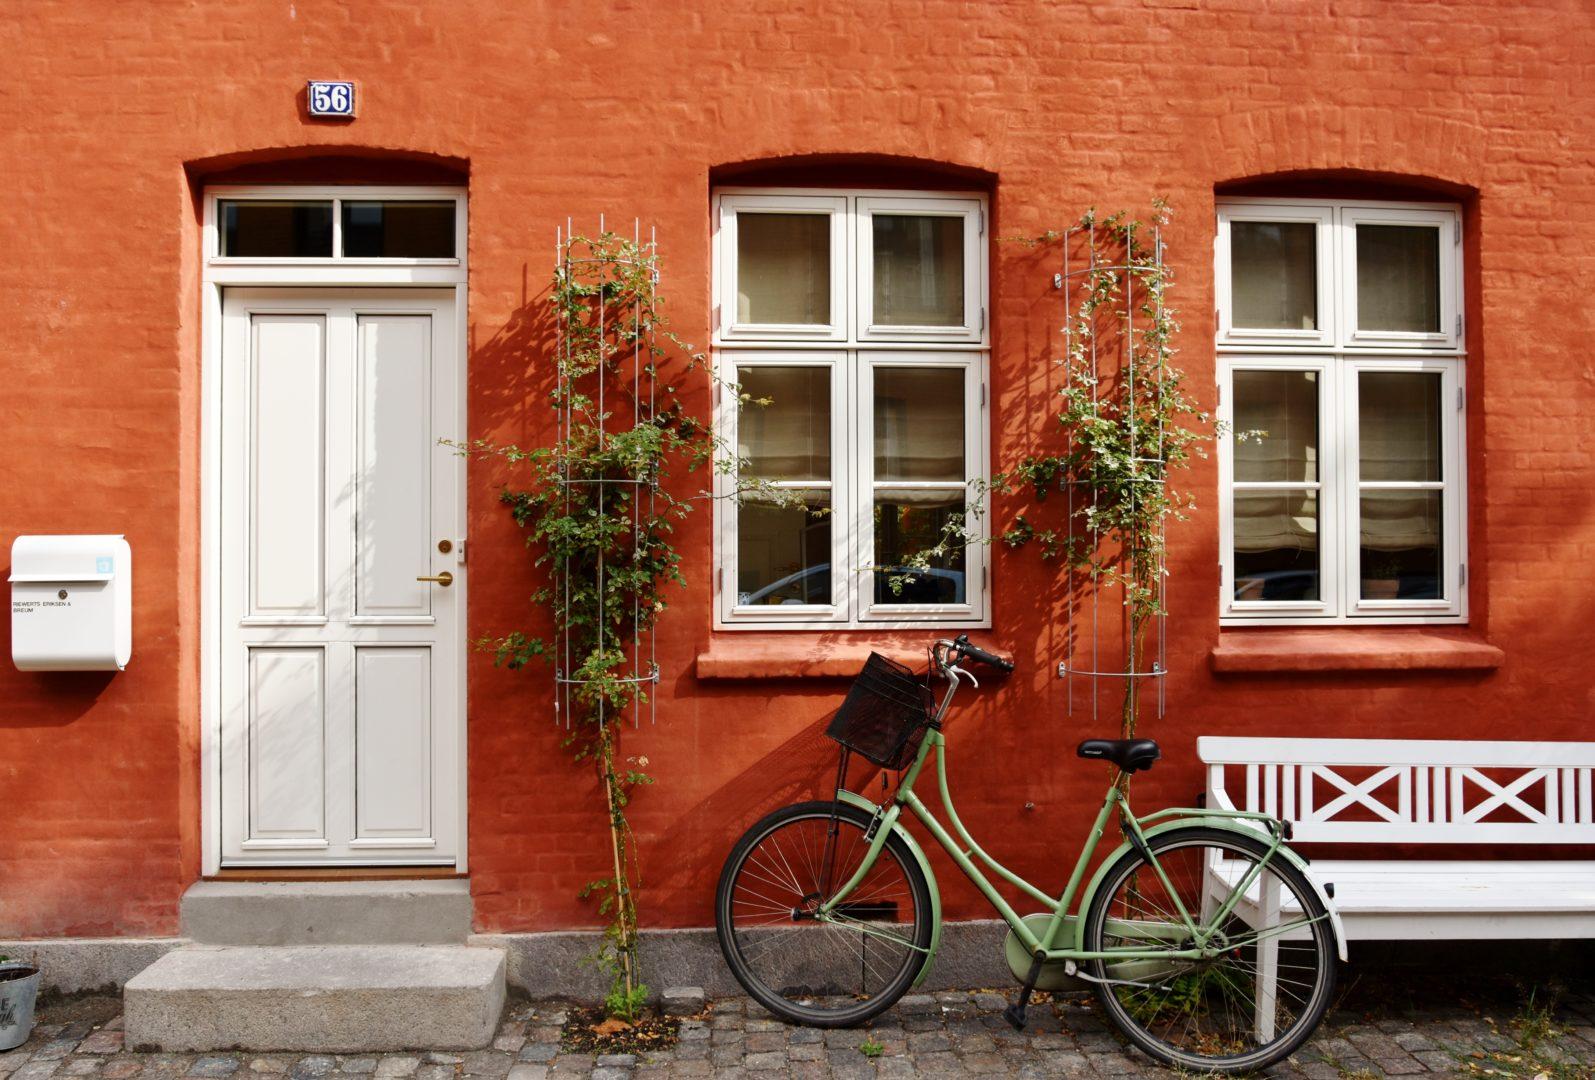 Case colorate e biciclette a Copenaghen